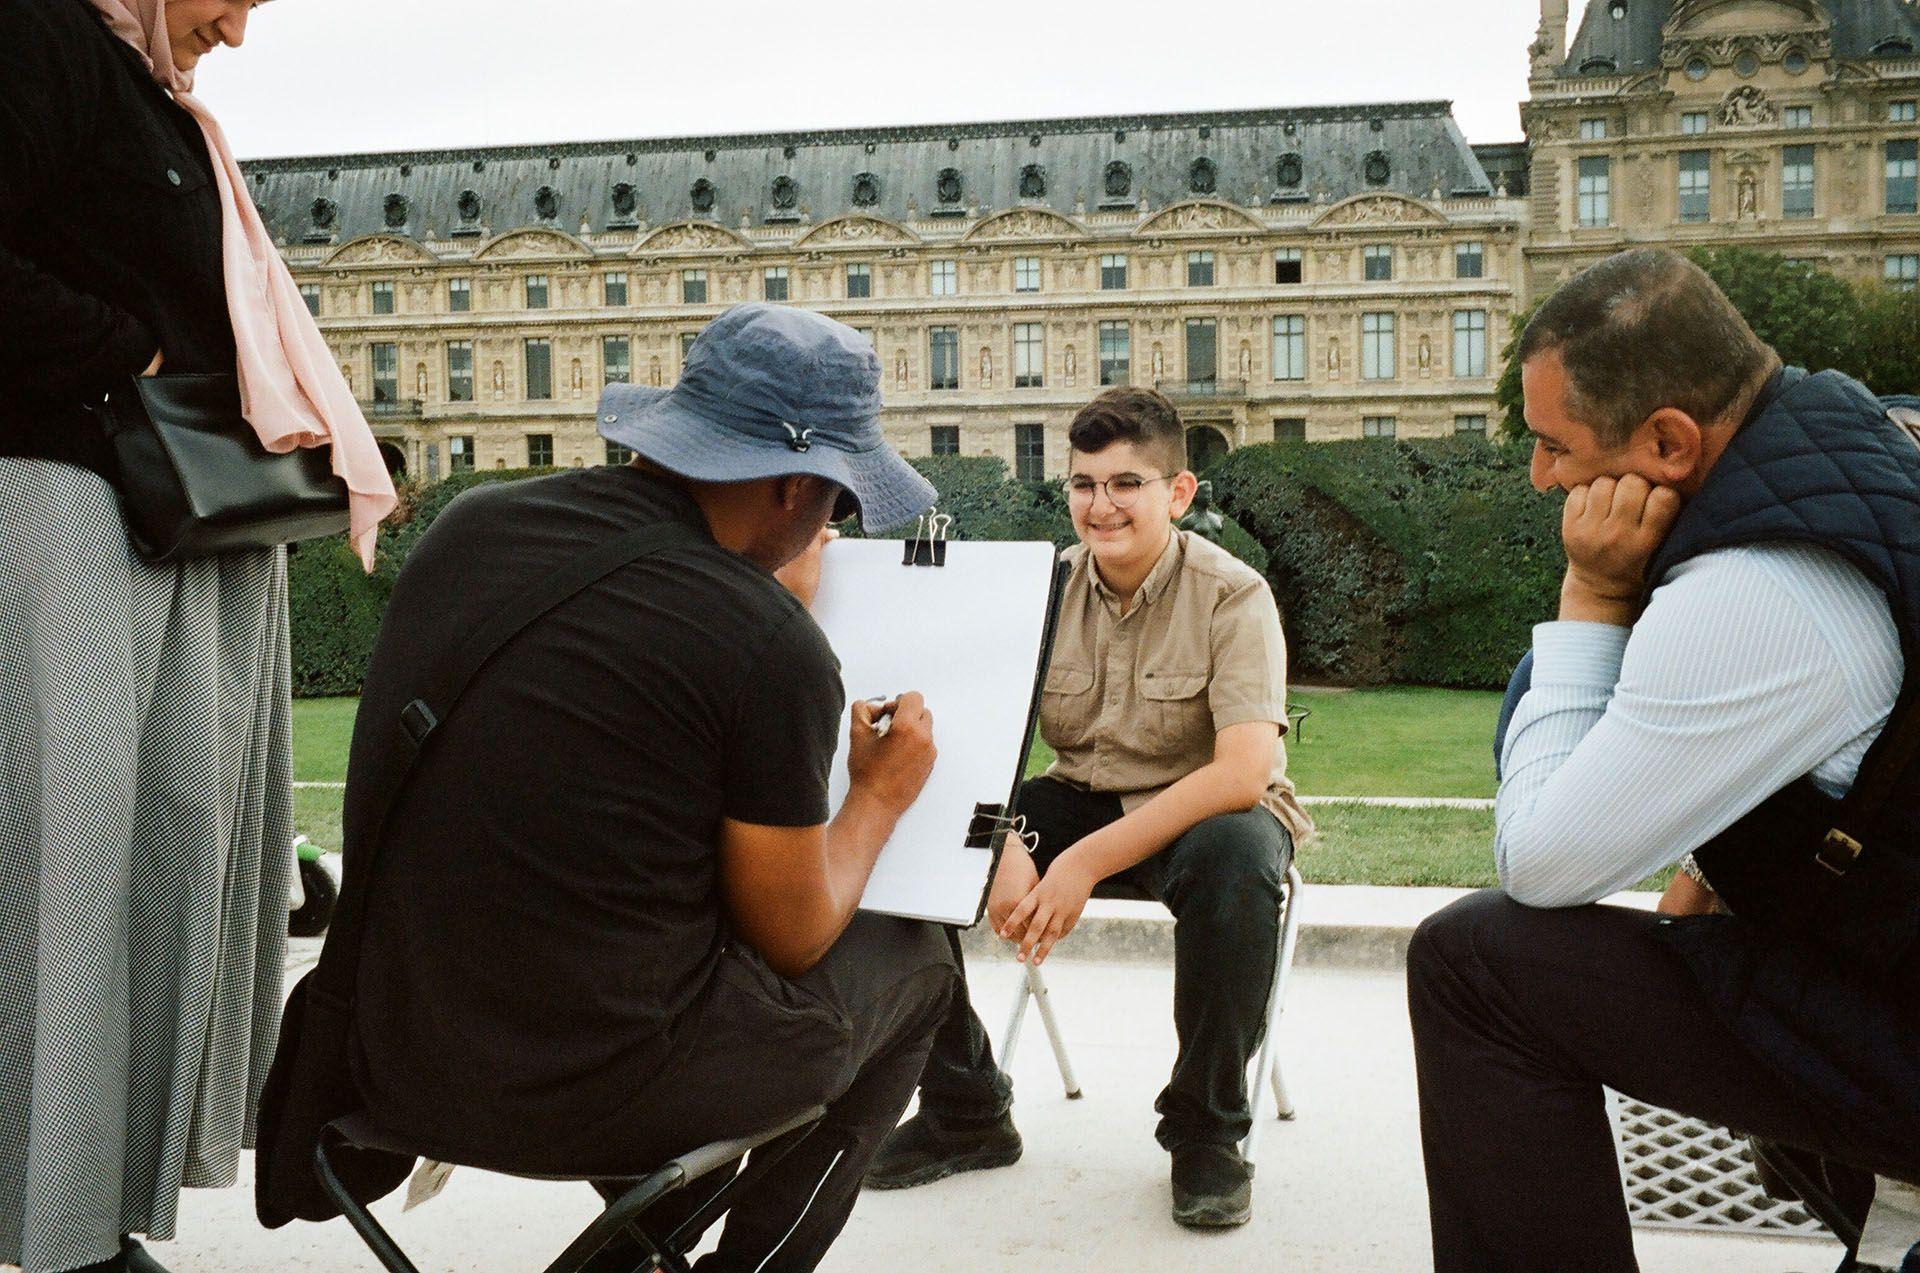 Вуличний художник у Парижі